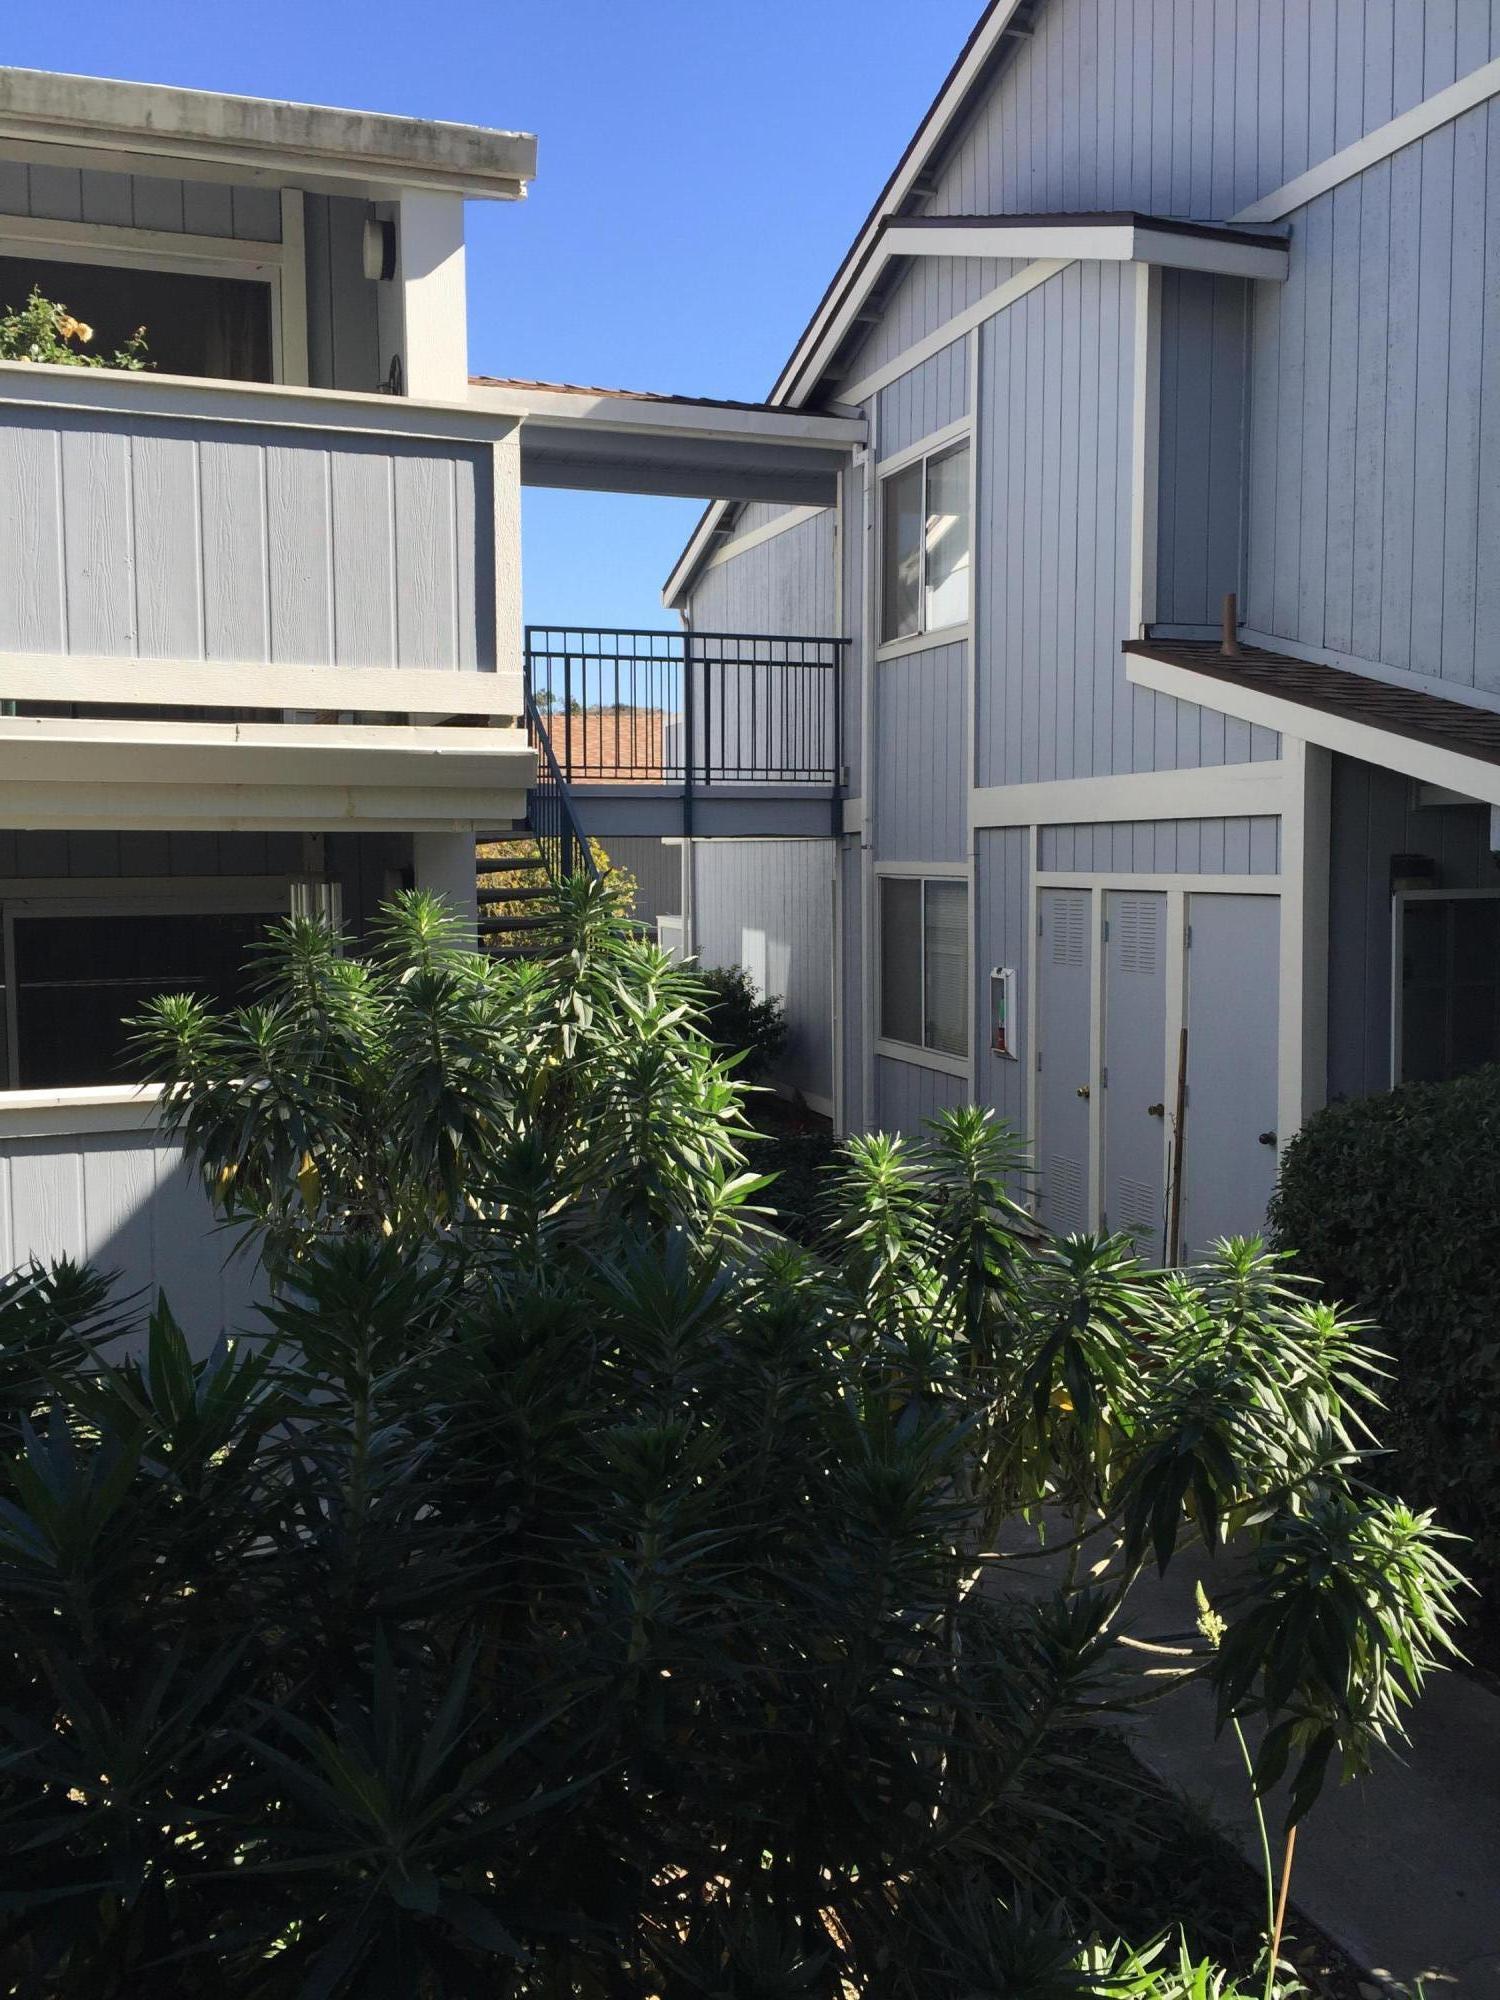 Property photo for 405 Camino Del Remedio #E Santa Barbara, California 93110 - 18-552